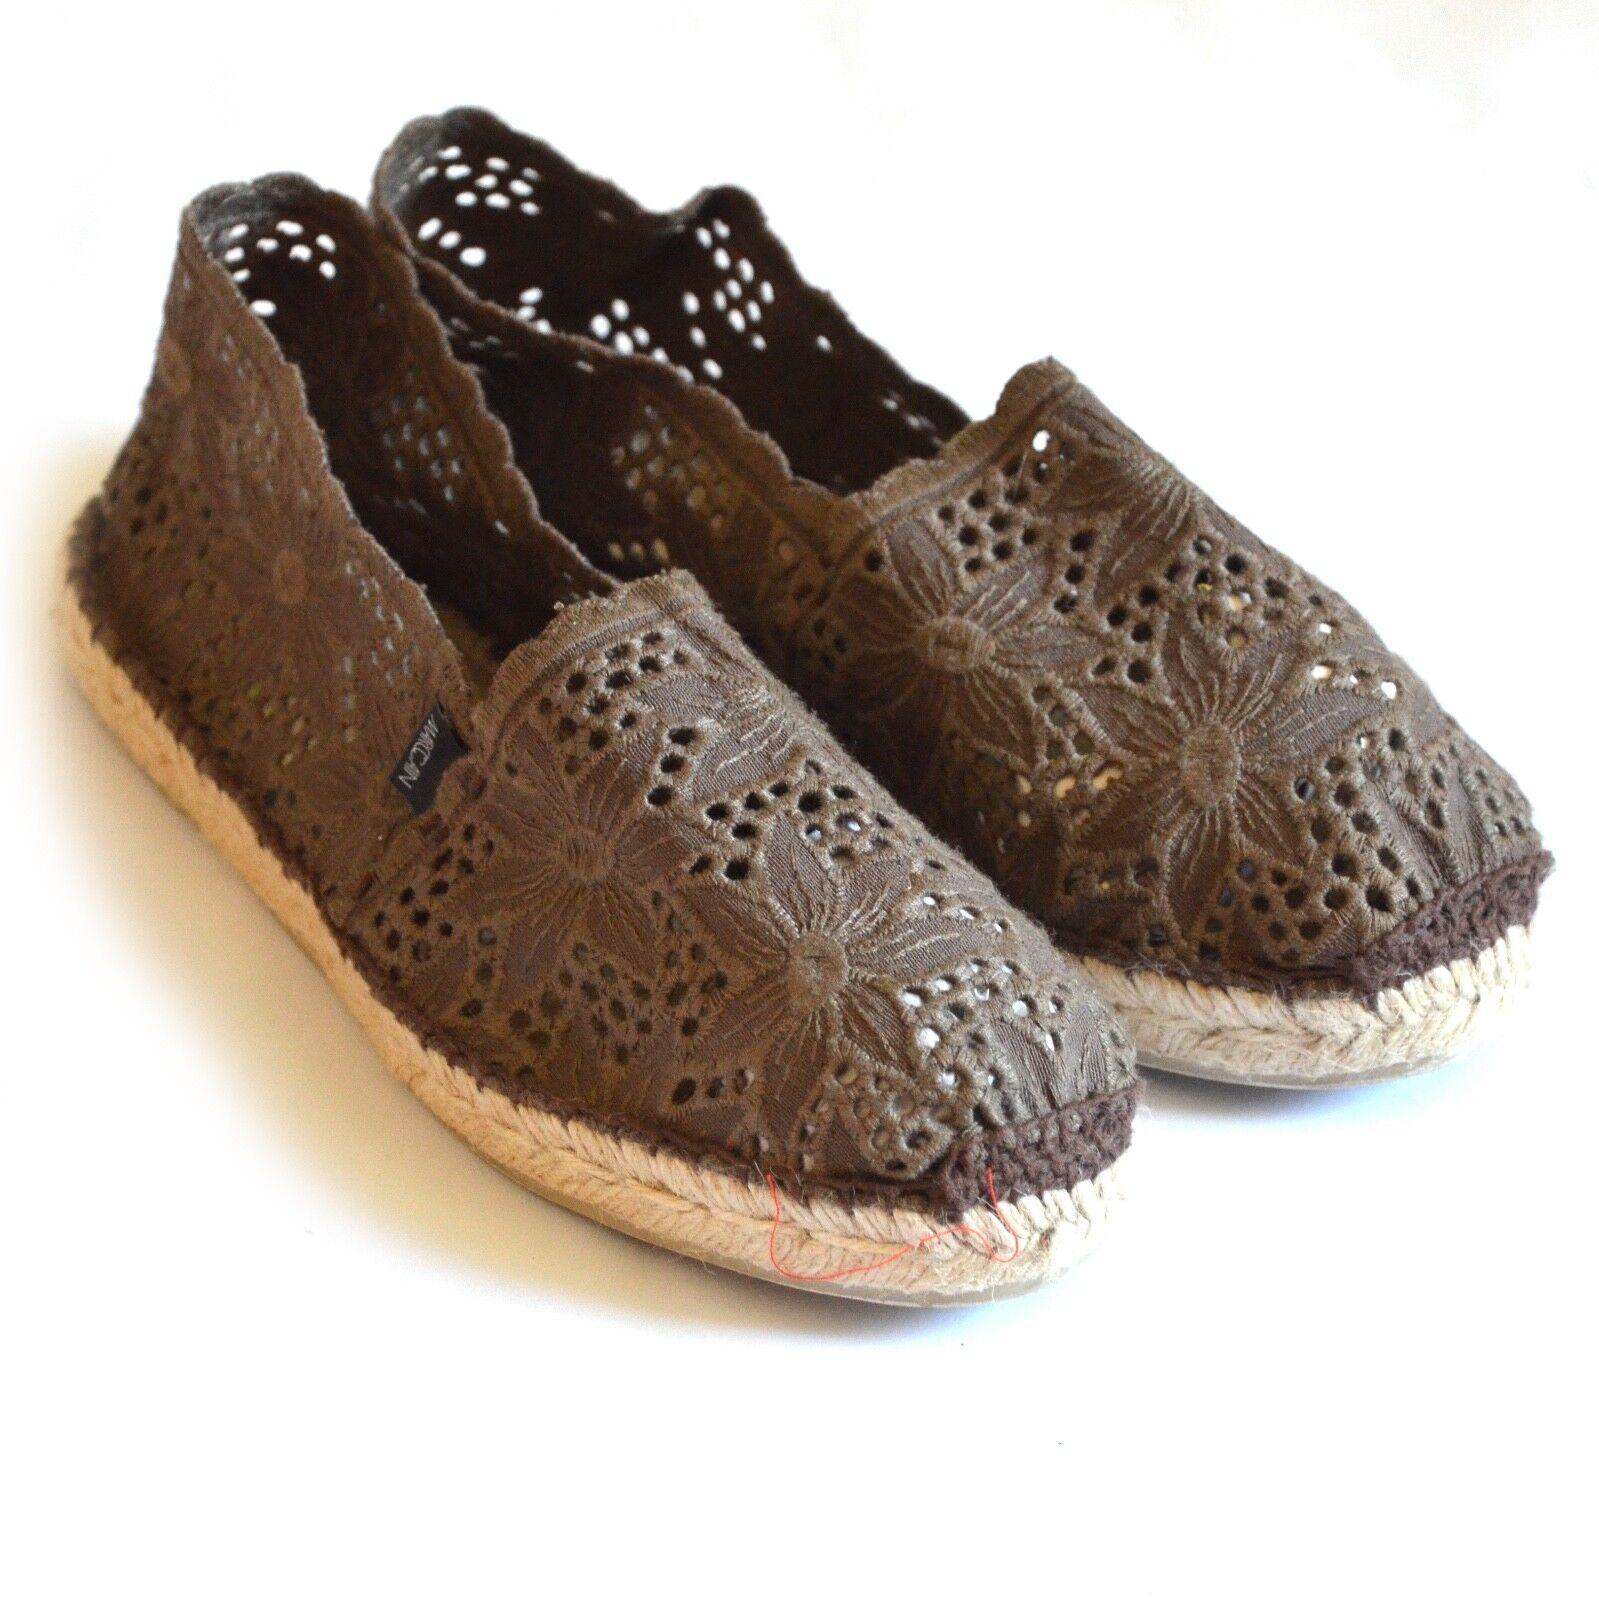 MARC CAIN braun, Espadrilles Schuhe Stroh Spitze, braun, CAIN Gr. 39, neu ffd690